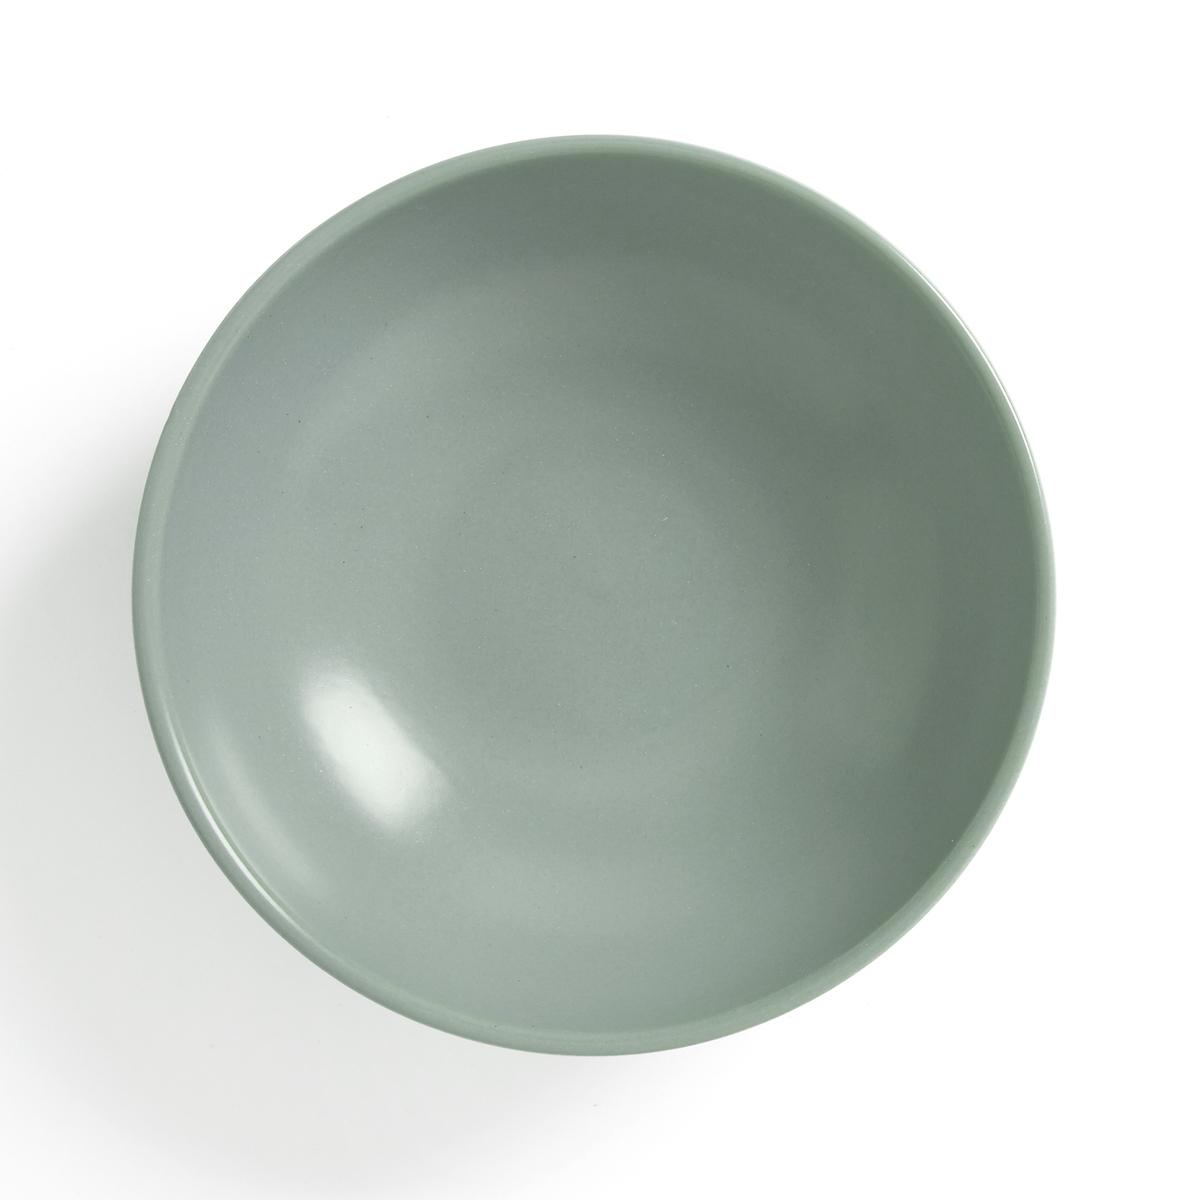 Комплект из глубоких тарелок La Redoute Из матового фаянса MELYA единый размер зеленый